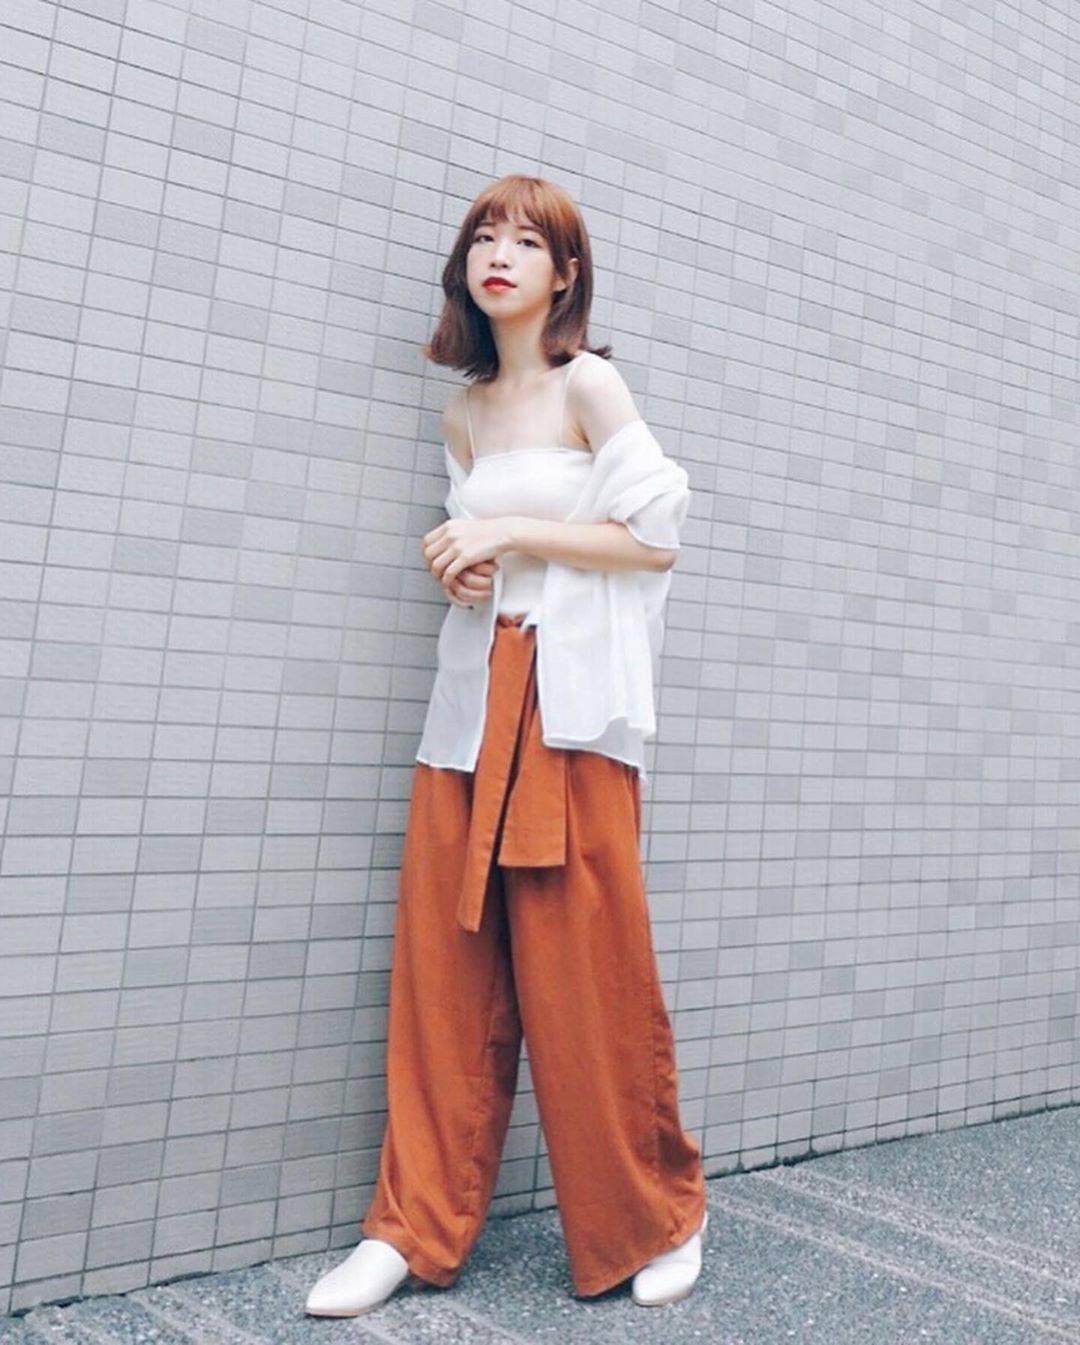 最高気温32度・最低気温23度 natsu_outfitsの服装